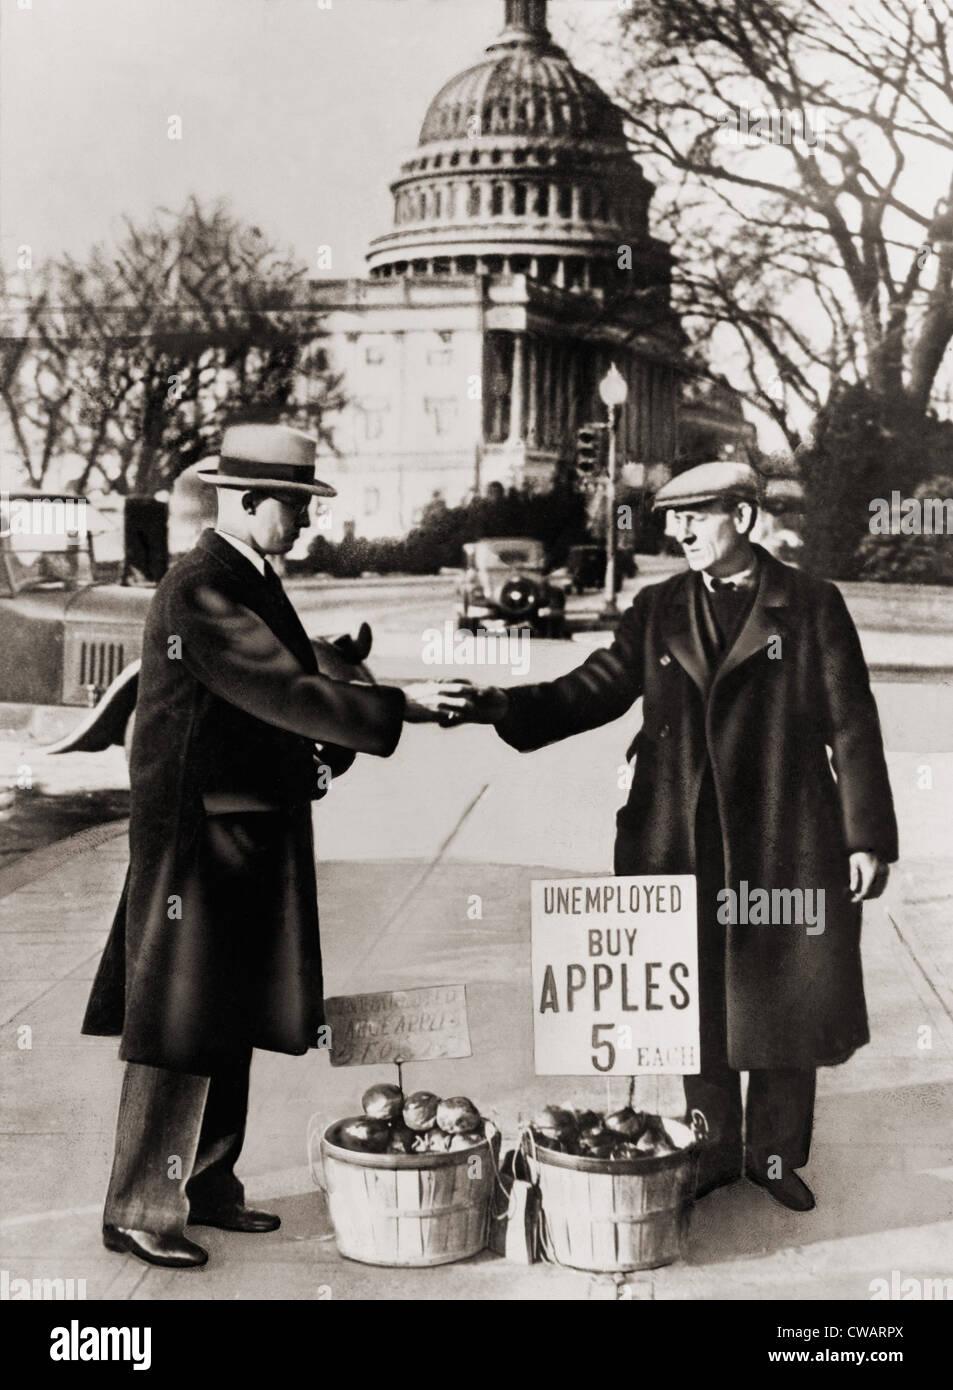 La grande dépression. Homme au chômage vend des pommes près du Capitole à Washington D.C. Comme Photo Stock